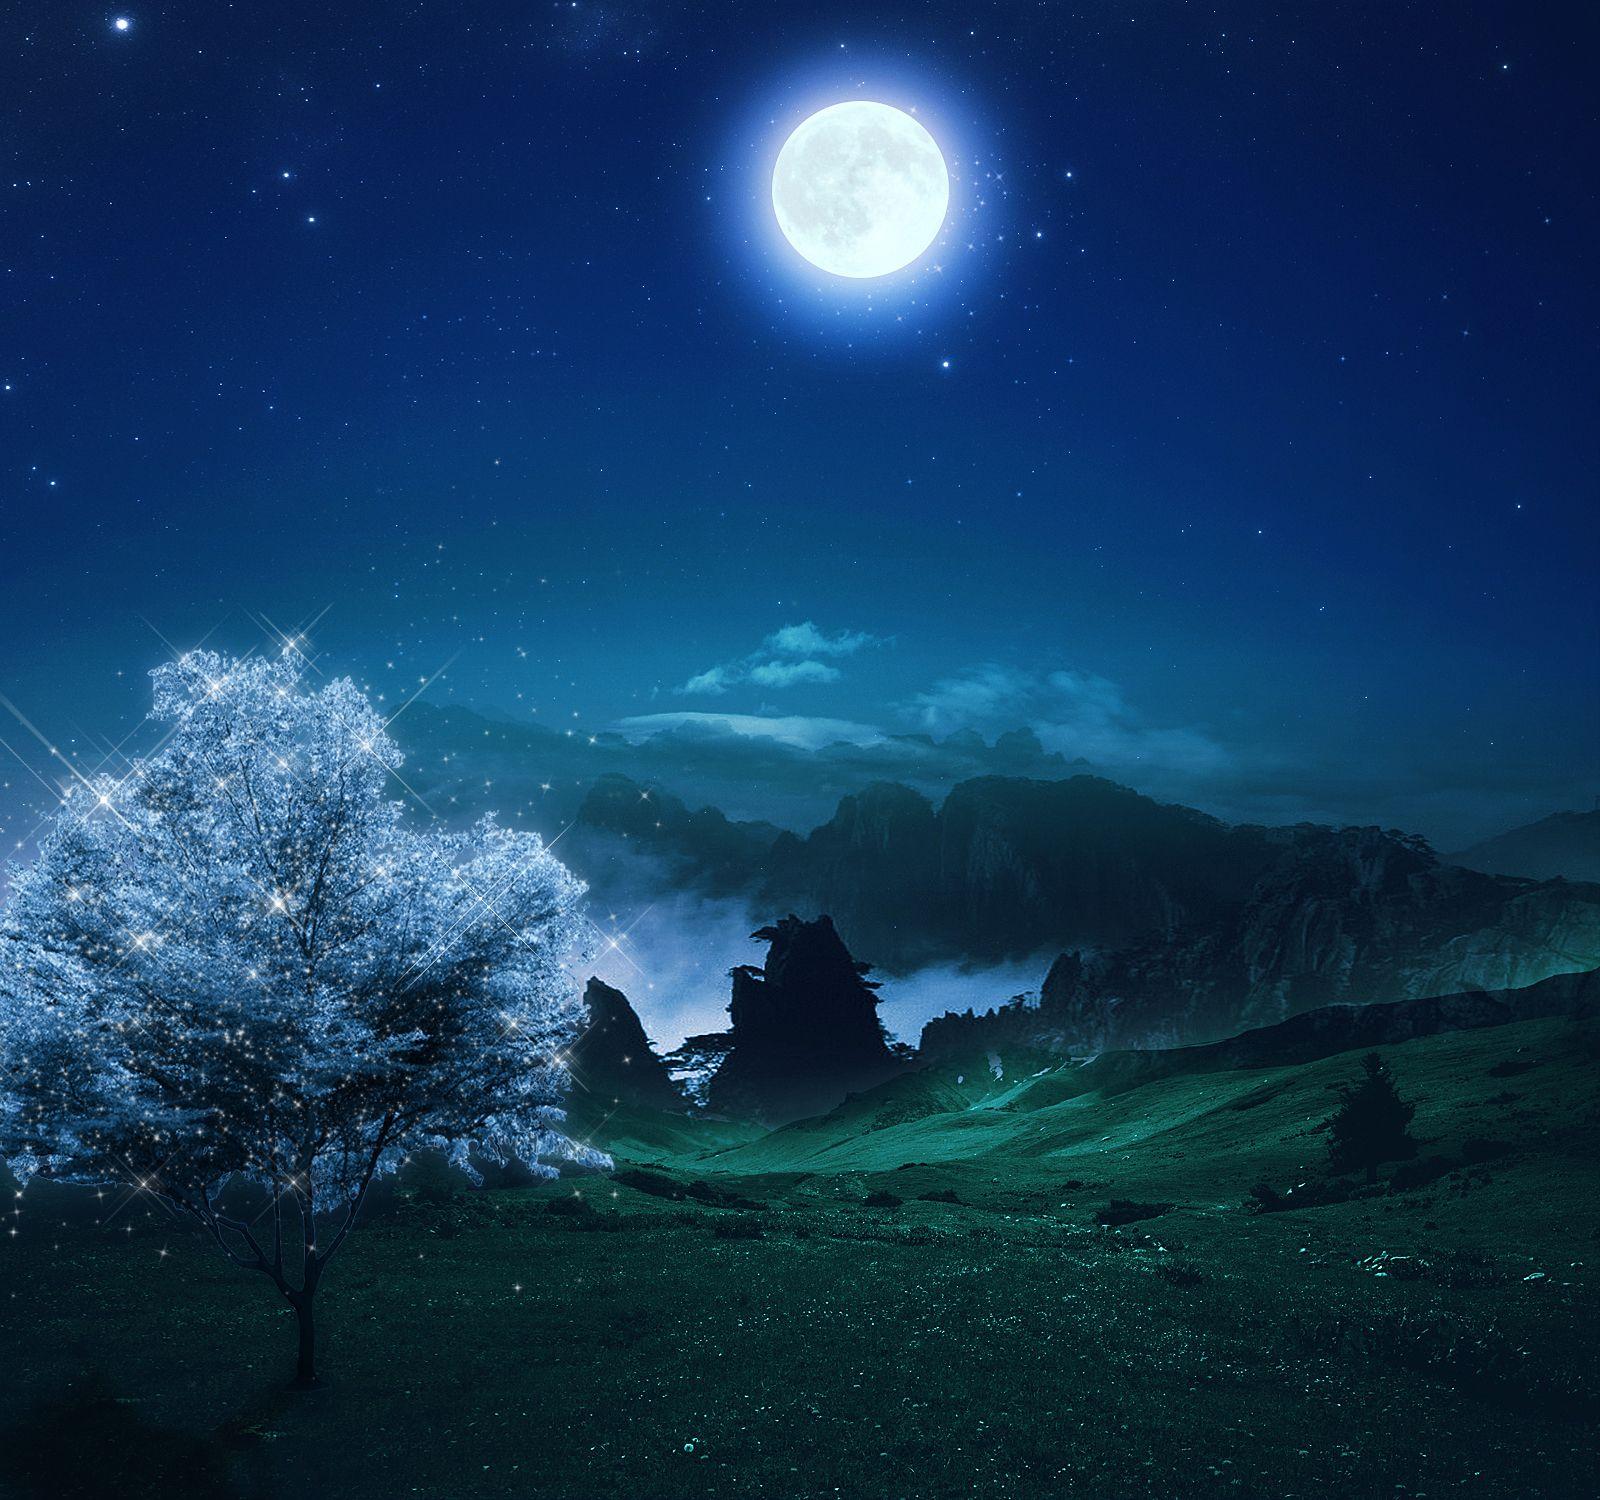 Really Nice Sky Art Nature Night Skies